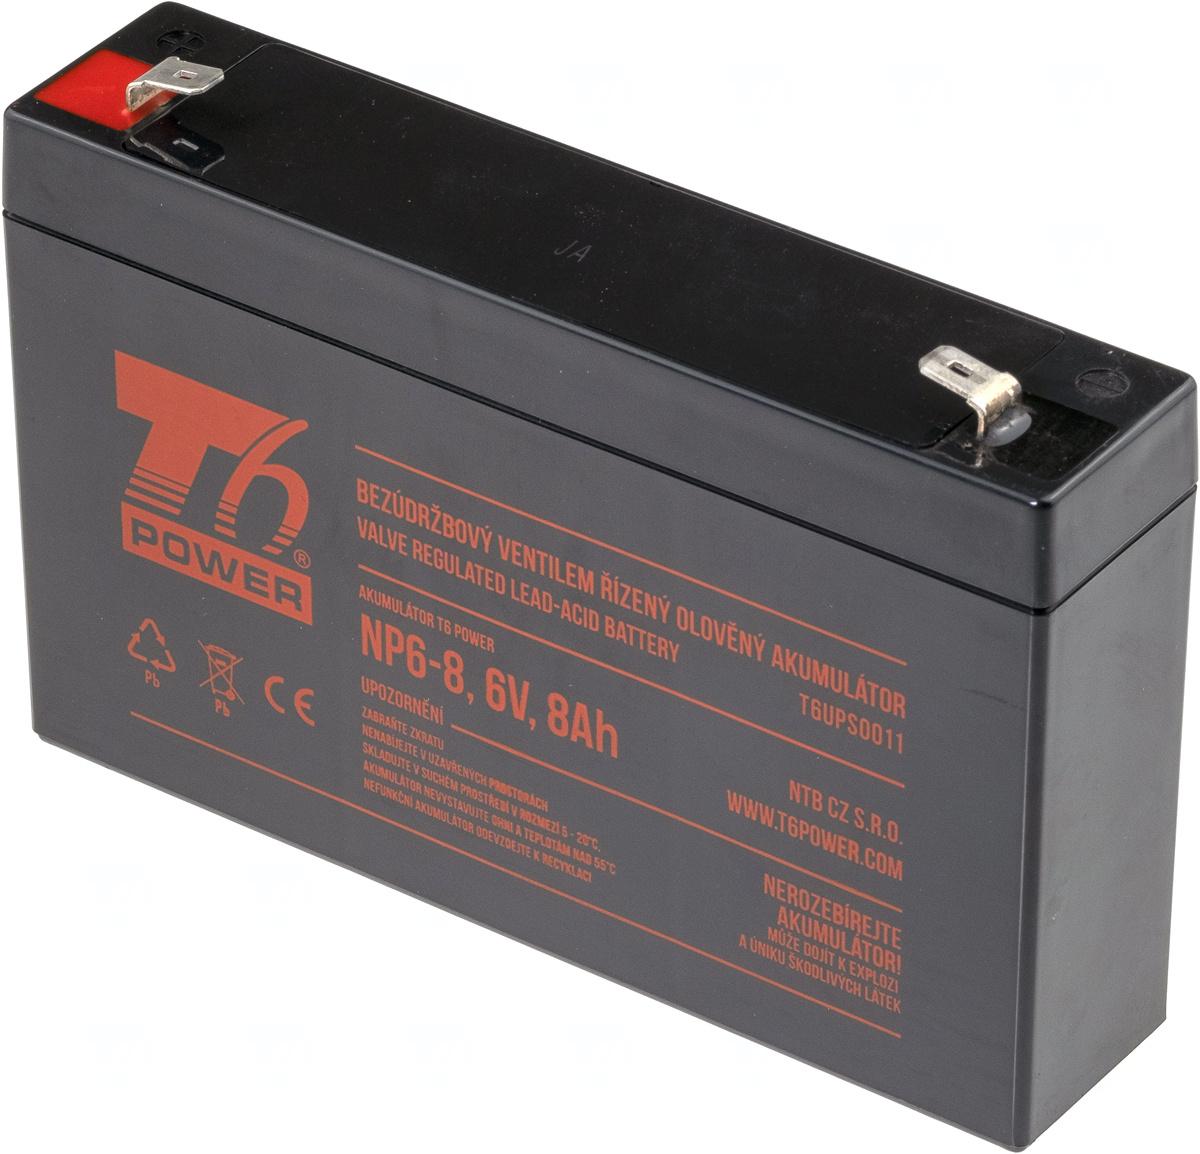 Akumulátor T6 Power NP6-8, 6V, 8Ah